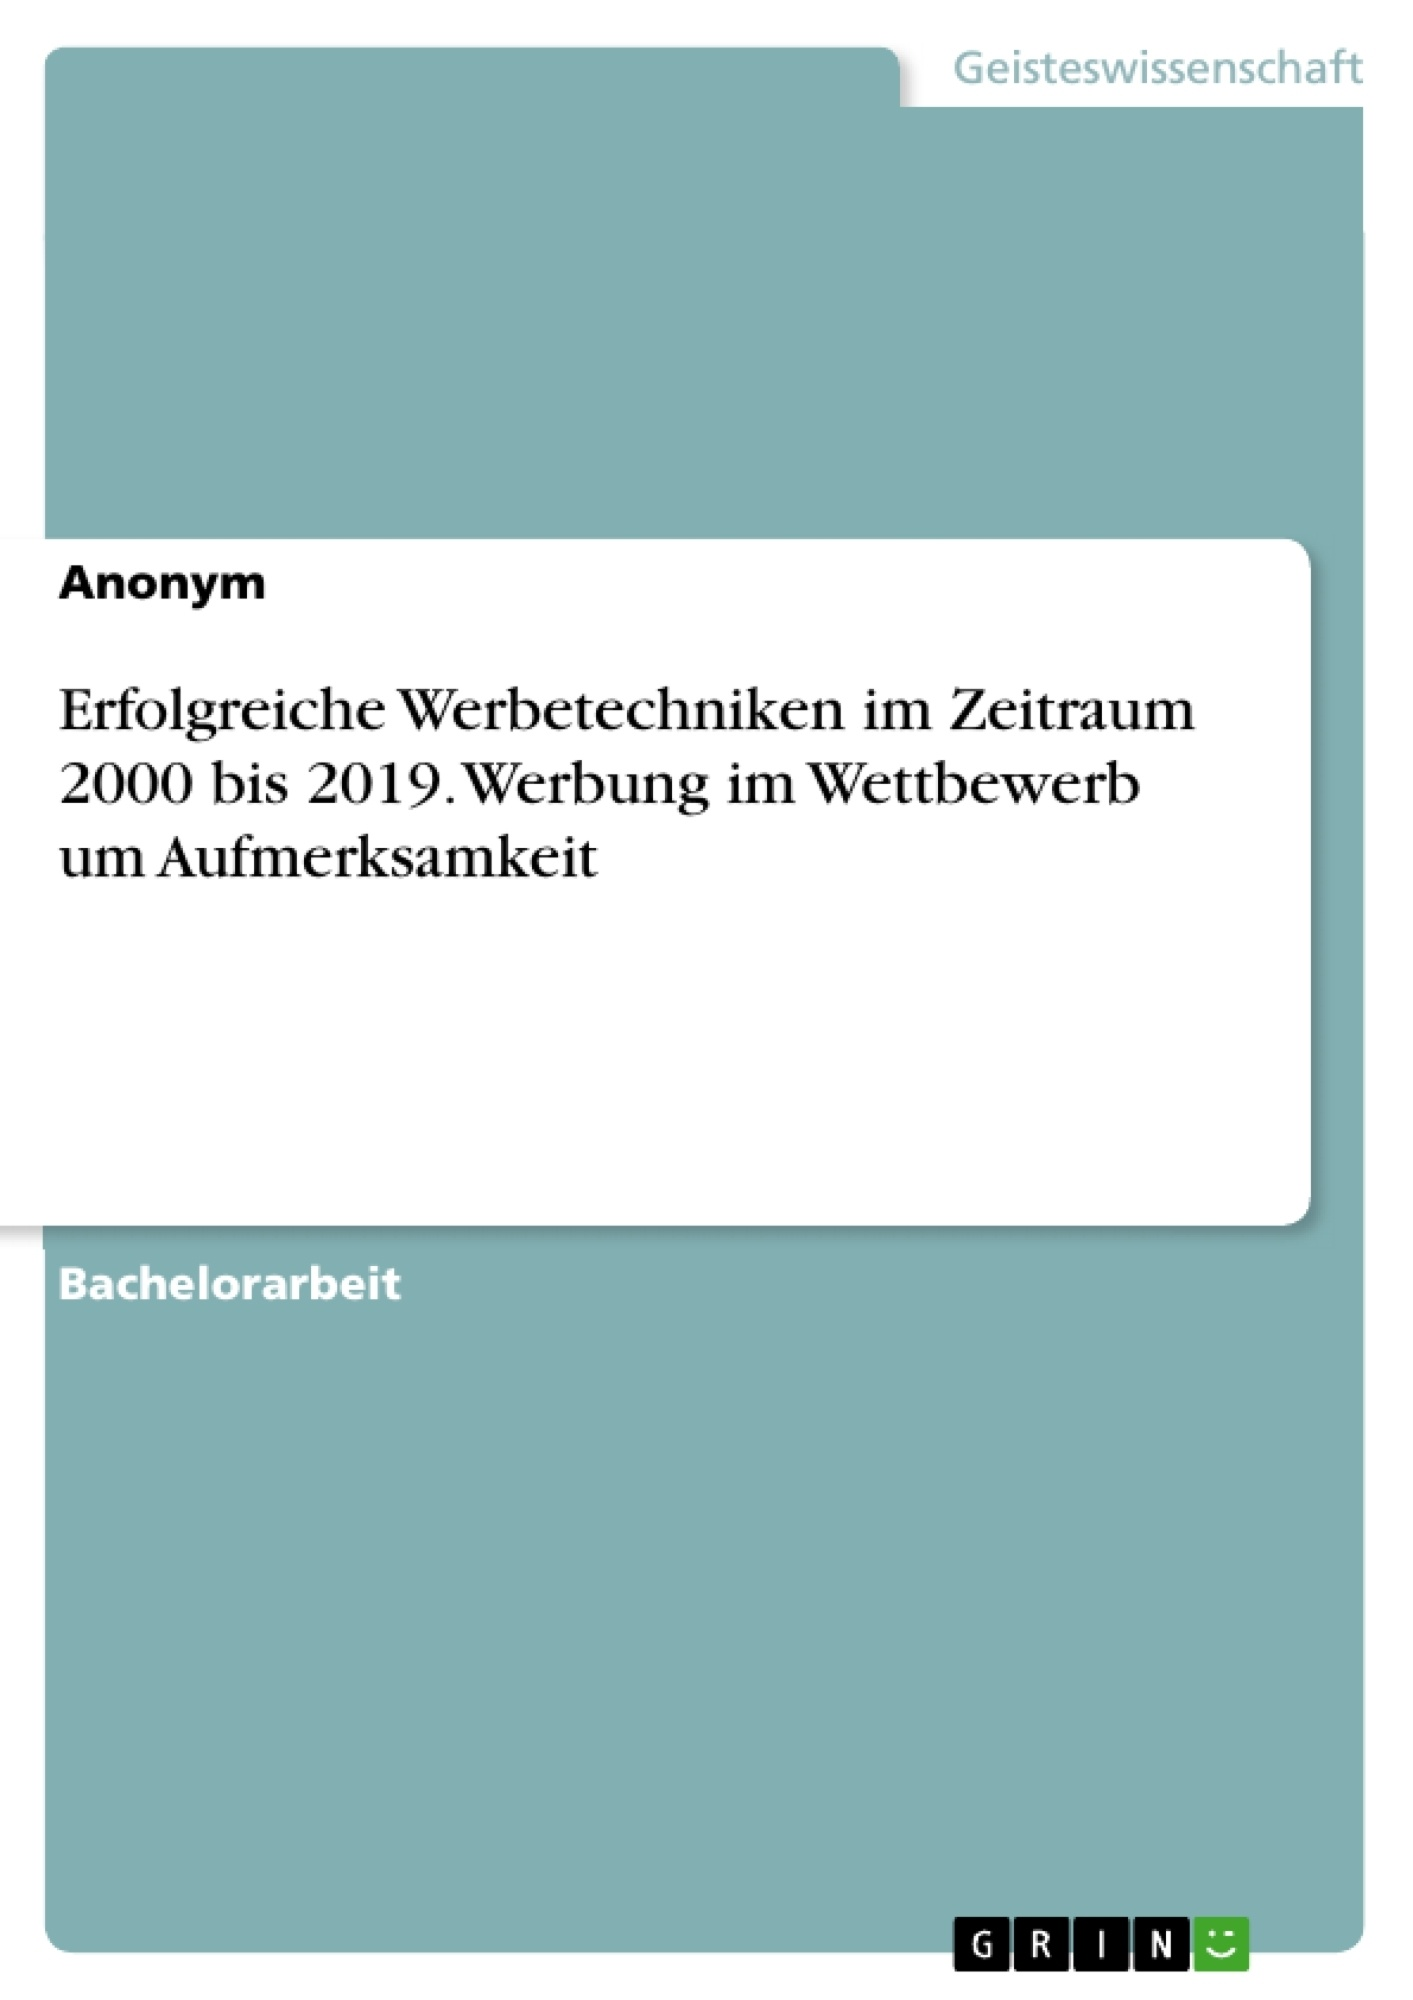 Titel: Erfolgreiche Werbetechniken im Zeitraum 2000 bis 2019. Werbung im Wettbewerb um Aufmerksamkeit